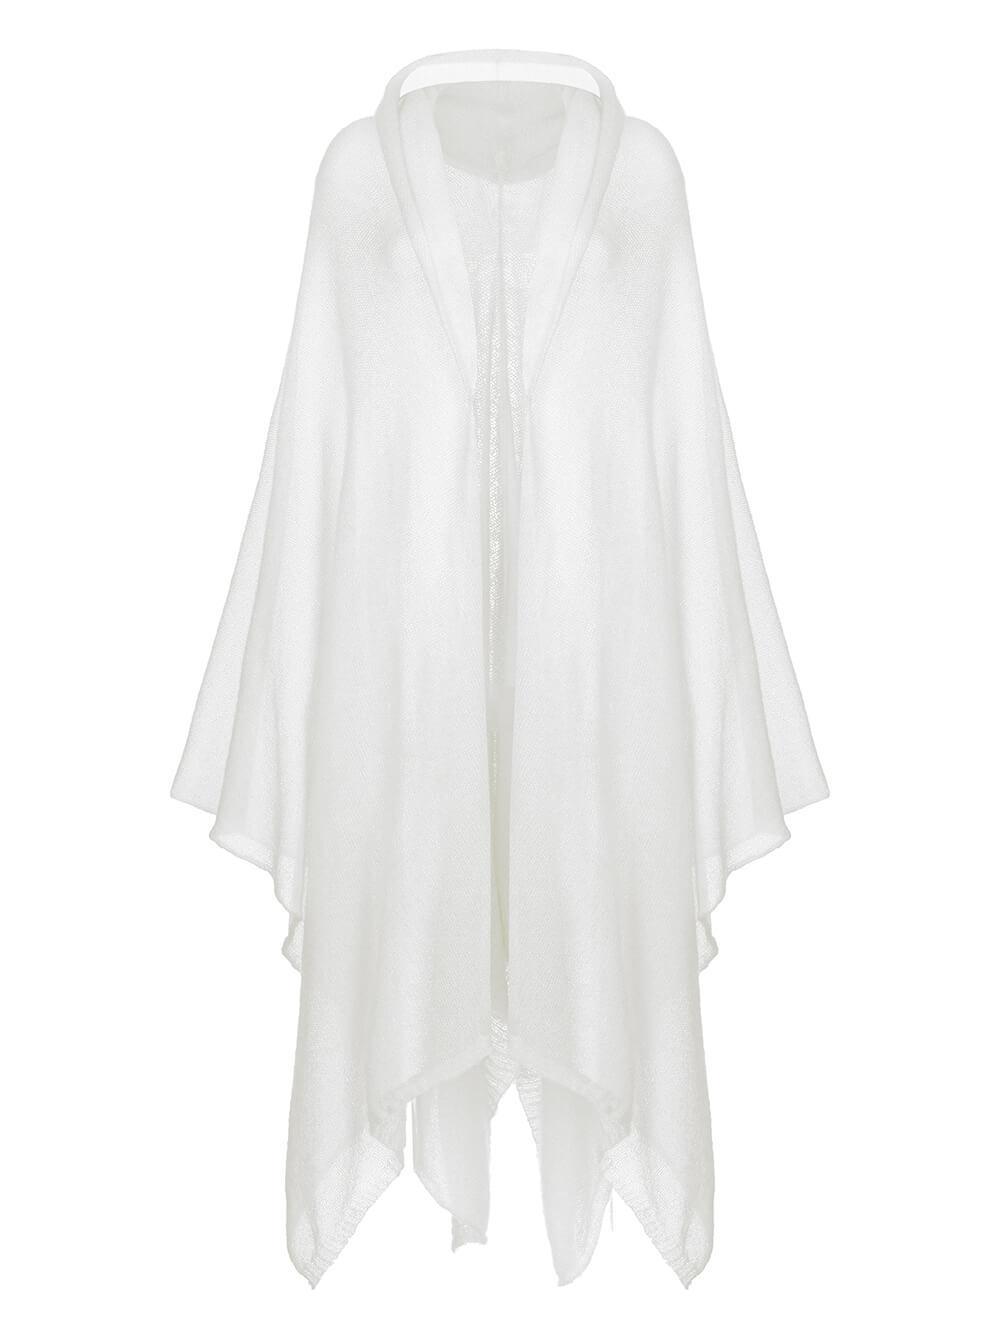 Женский шарф белого цвета из мохера и шерсти - фото 1